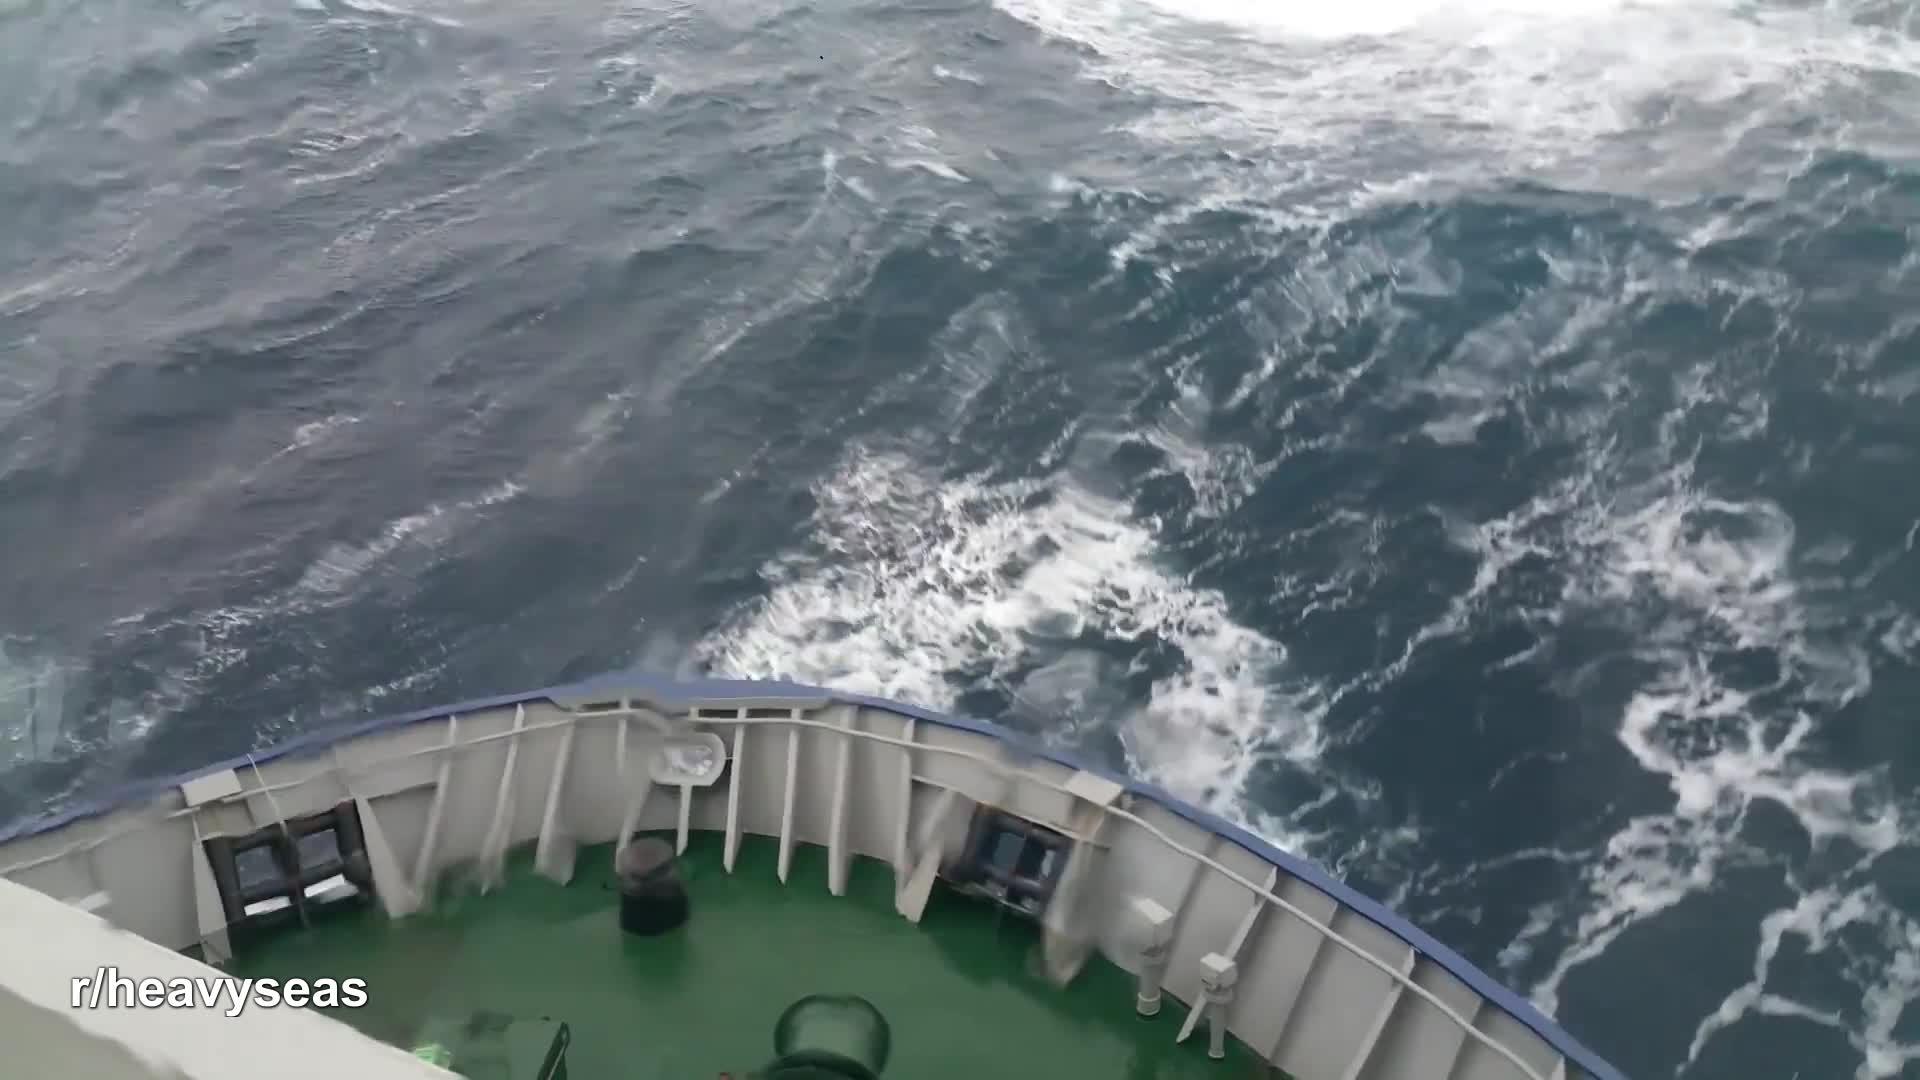 Supply boat, North Sea GIFs